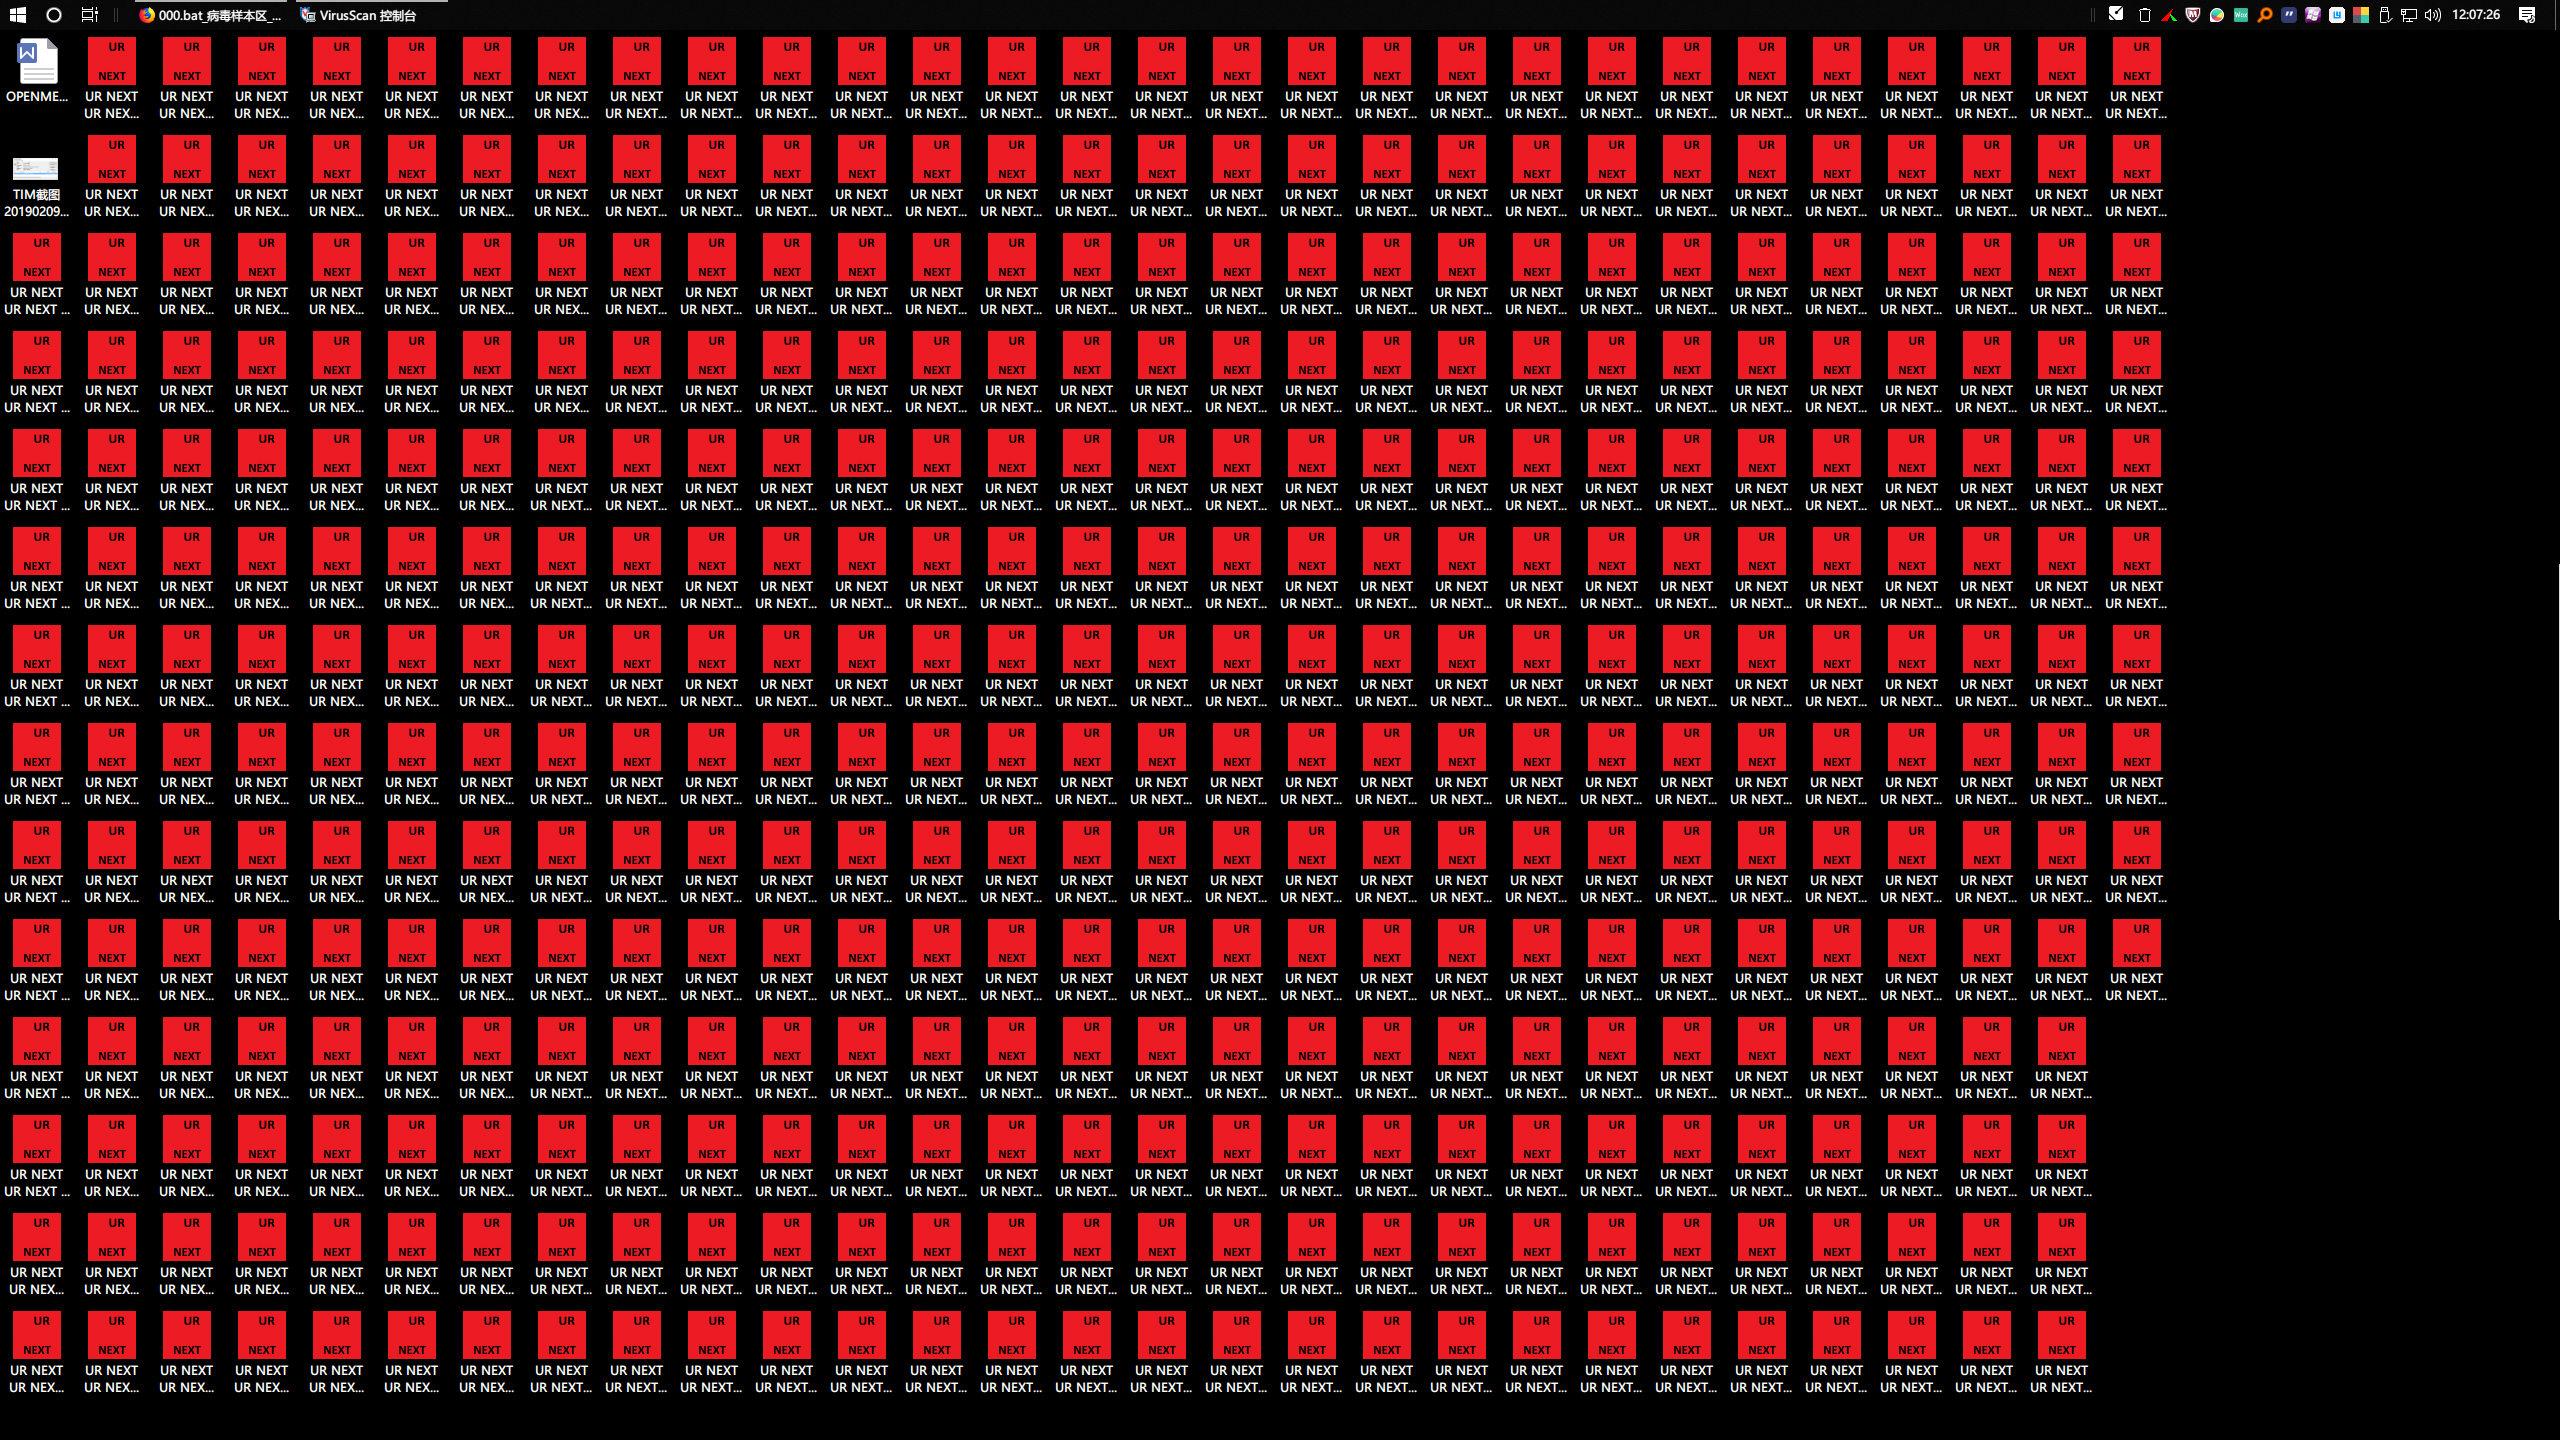 """000 Bat Ǭ¬2页 Ǘ…毒样本分享 ň†æžåŒº Å®‰å…¨åŒºå¡é¥è®ºå› ĺ'助分享 Ť§æ°""""谦和"""